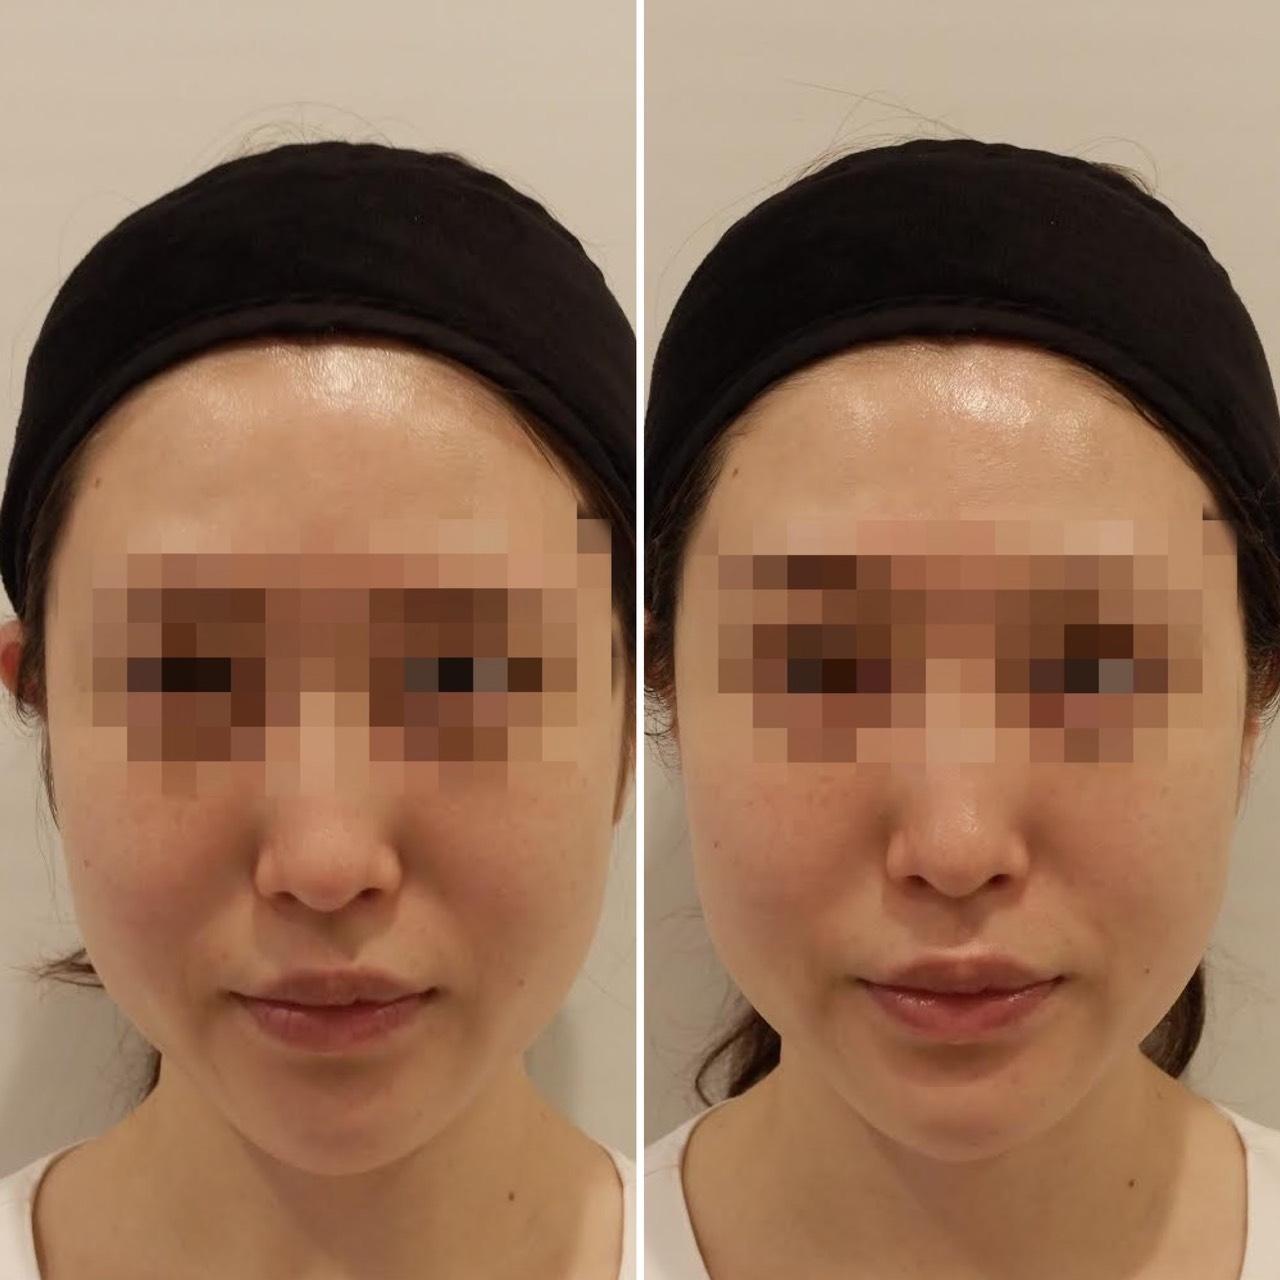 左が施術前、右が施術後。ほうれい線が浅くなり、顎のラインも気持ちシャープに。